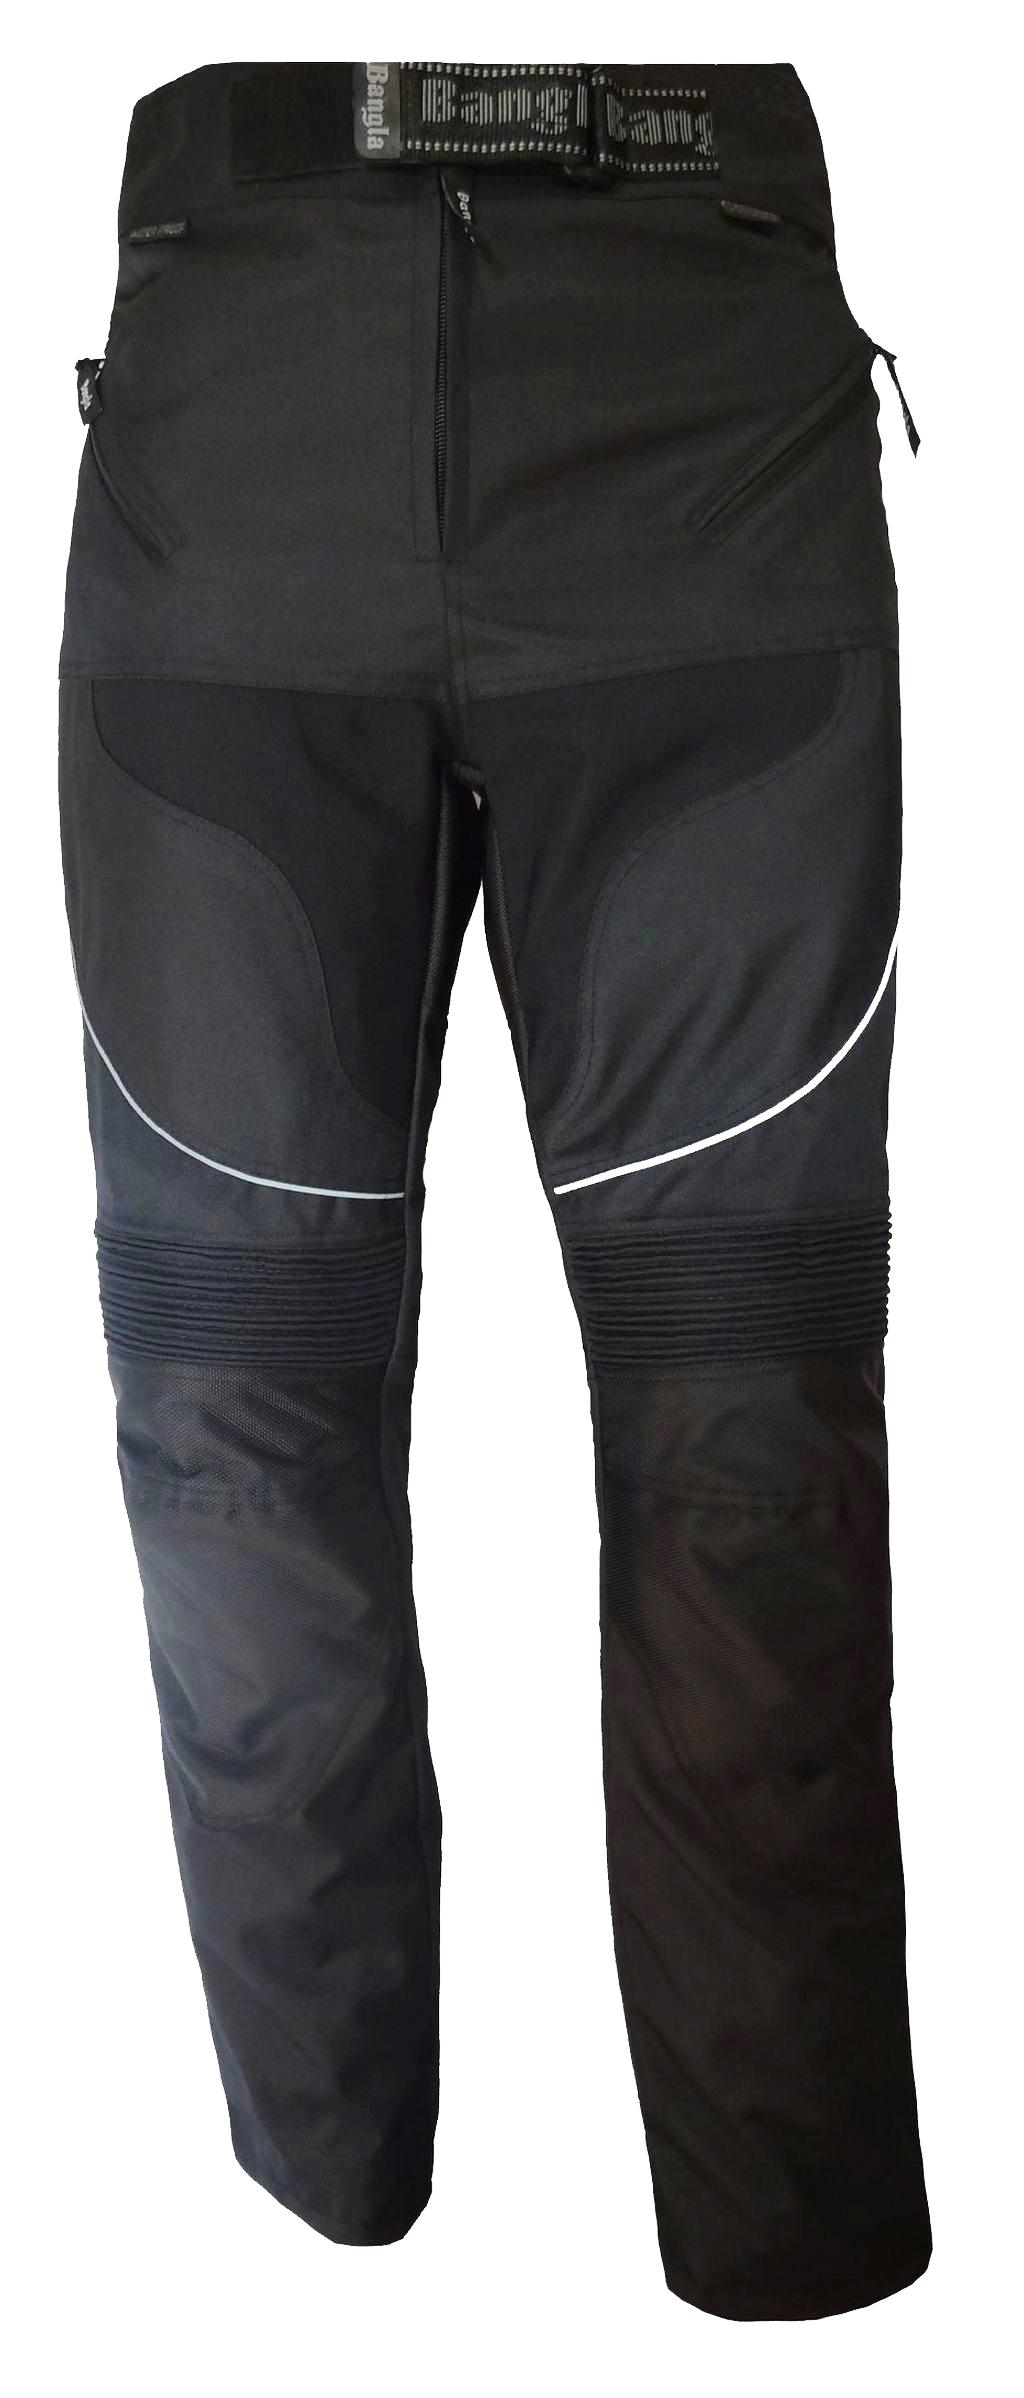 Bangla Motorrad Hose Motorradhose Textil Cordura Schwarz S bis 8 XL